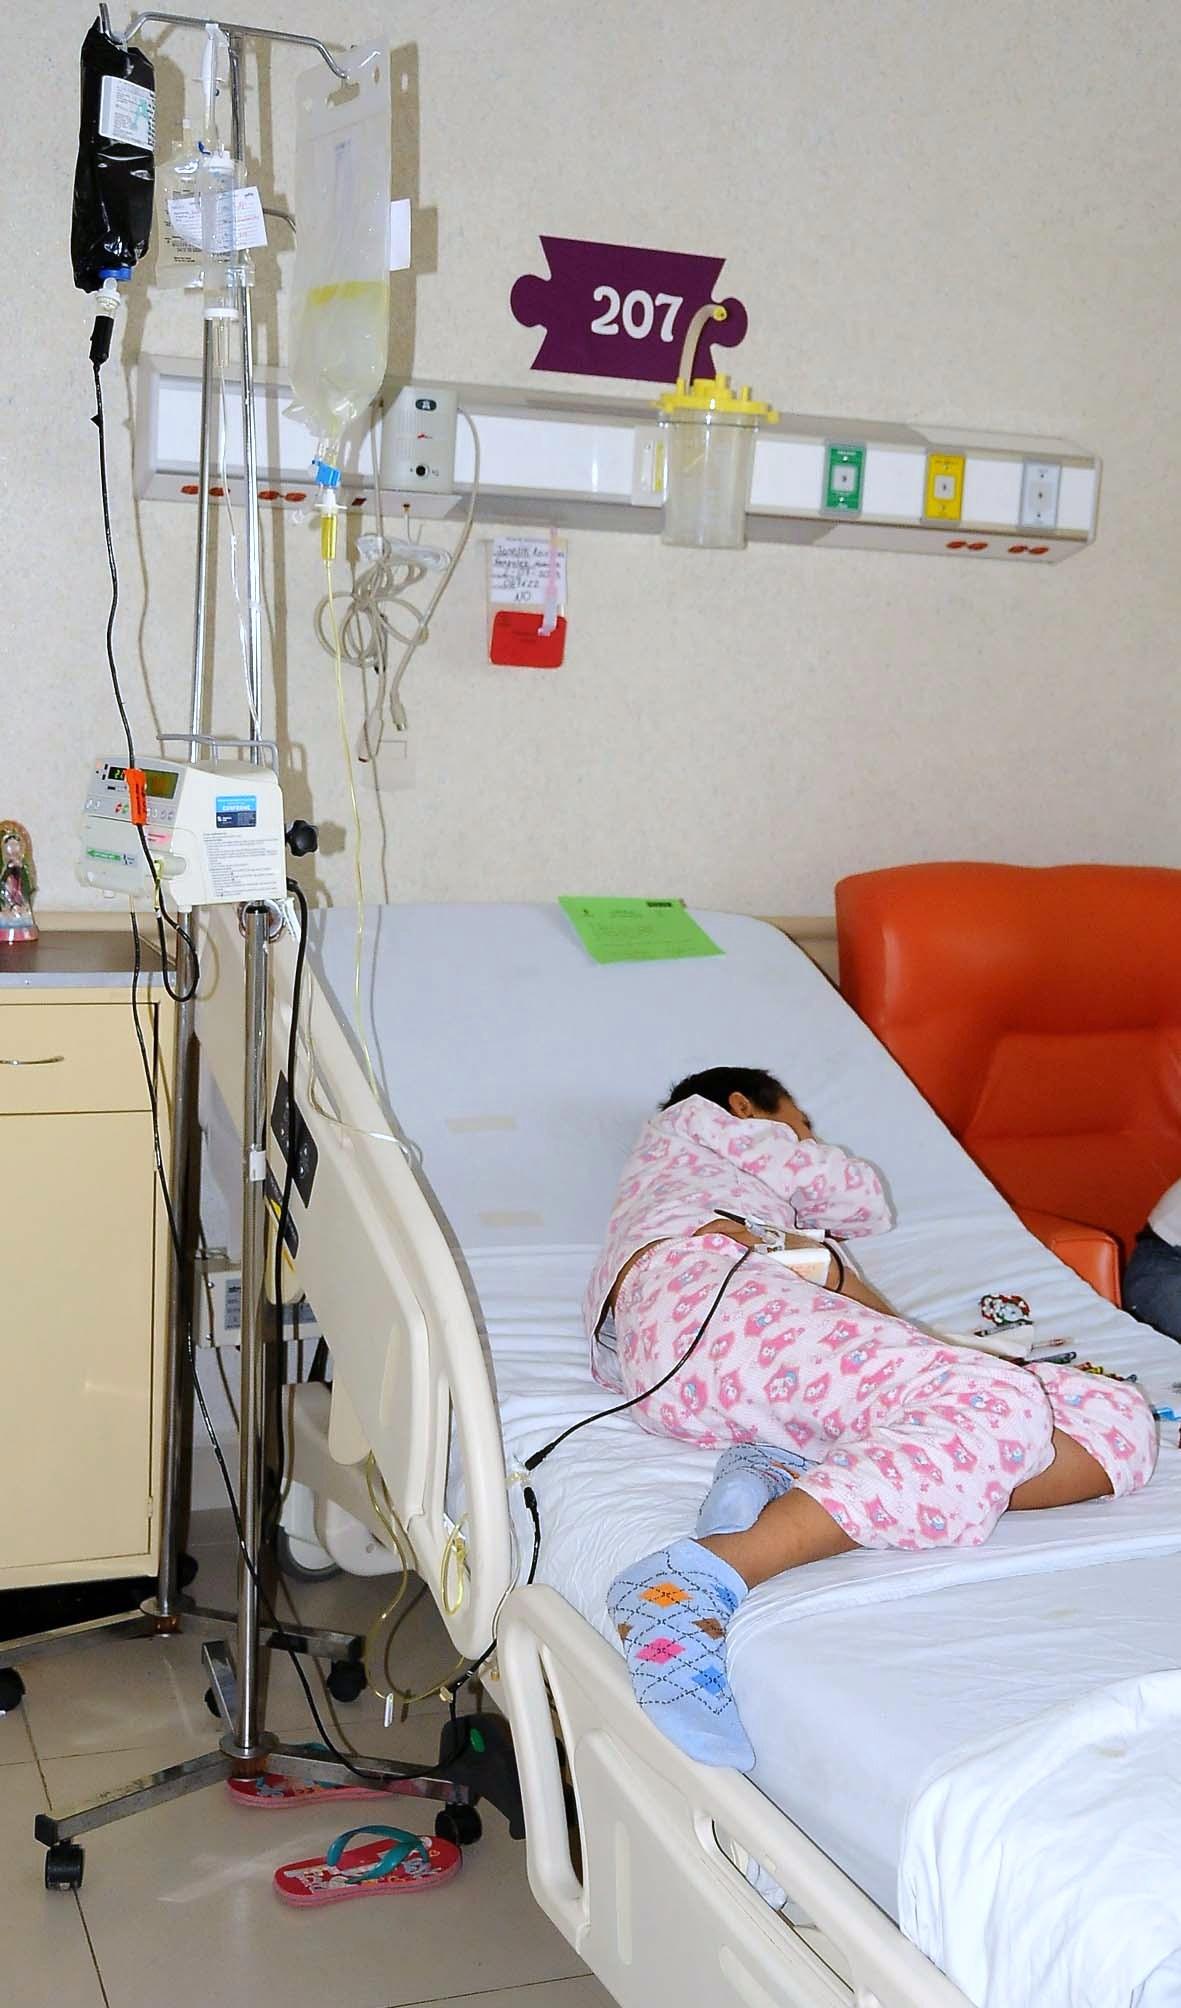 El Hospital para el Niño no sólo atiende a pacientes con cáncer. También es el segundo a nivel nacional que más realiza cirugías reconstructivas de labio y paladar hendido, con un historial de 6 mil procedimientos.